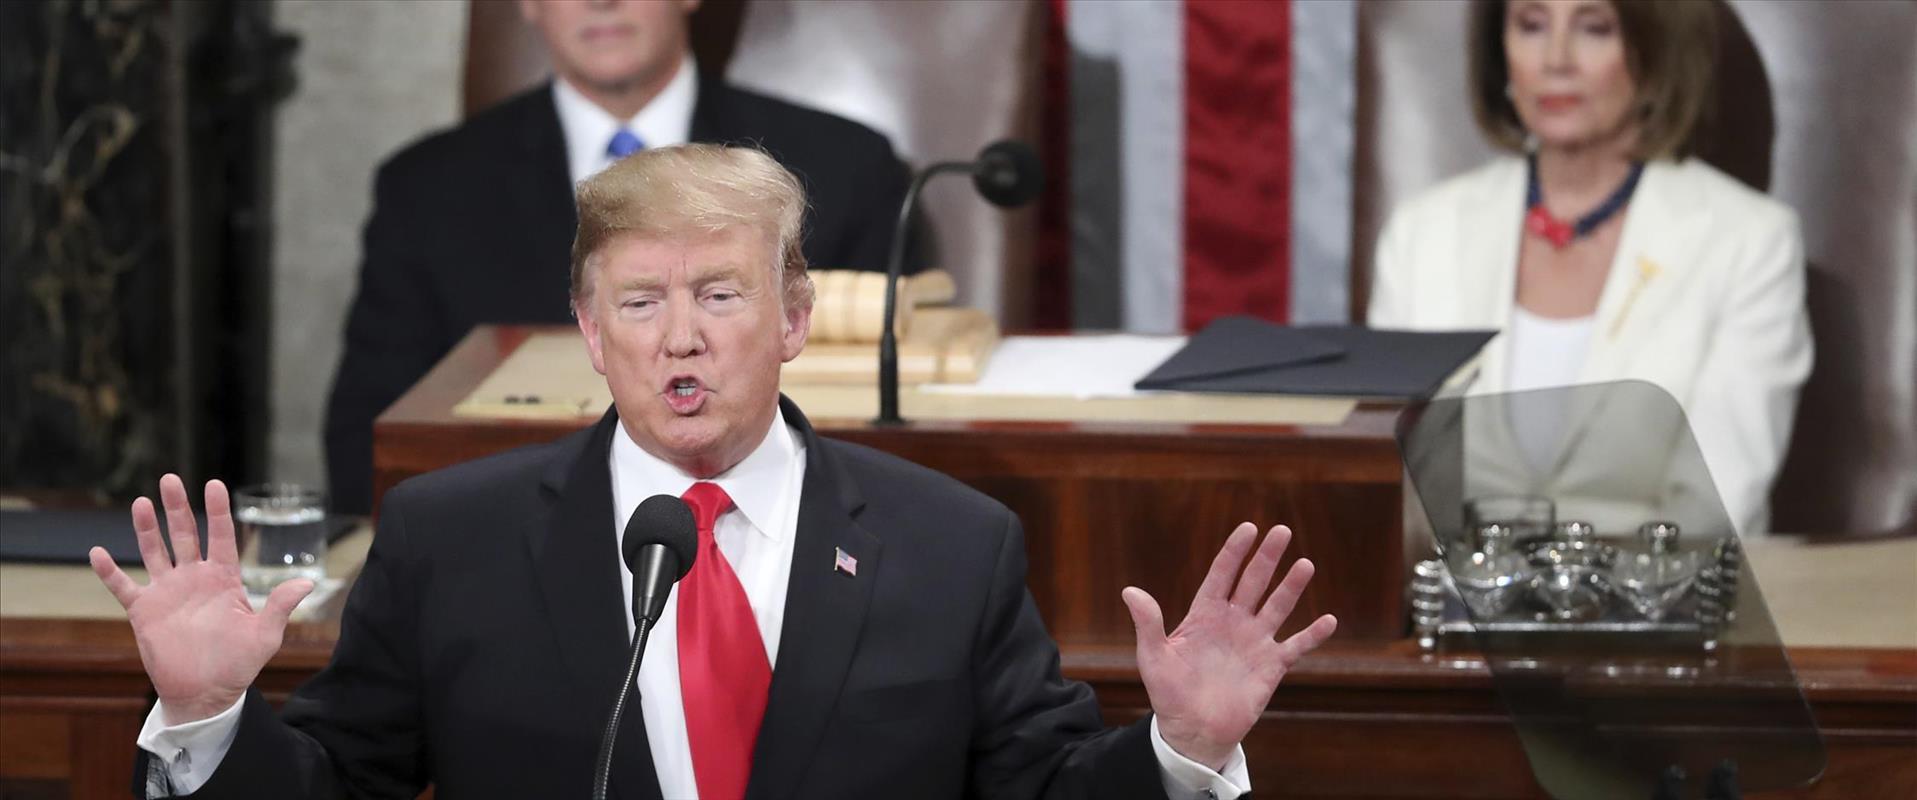 טראמפ נואם בקונגרס